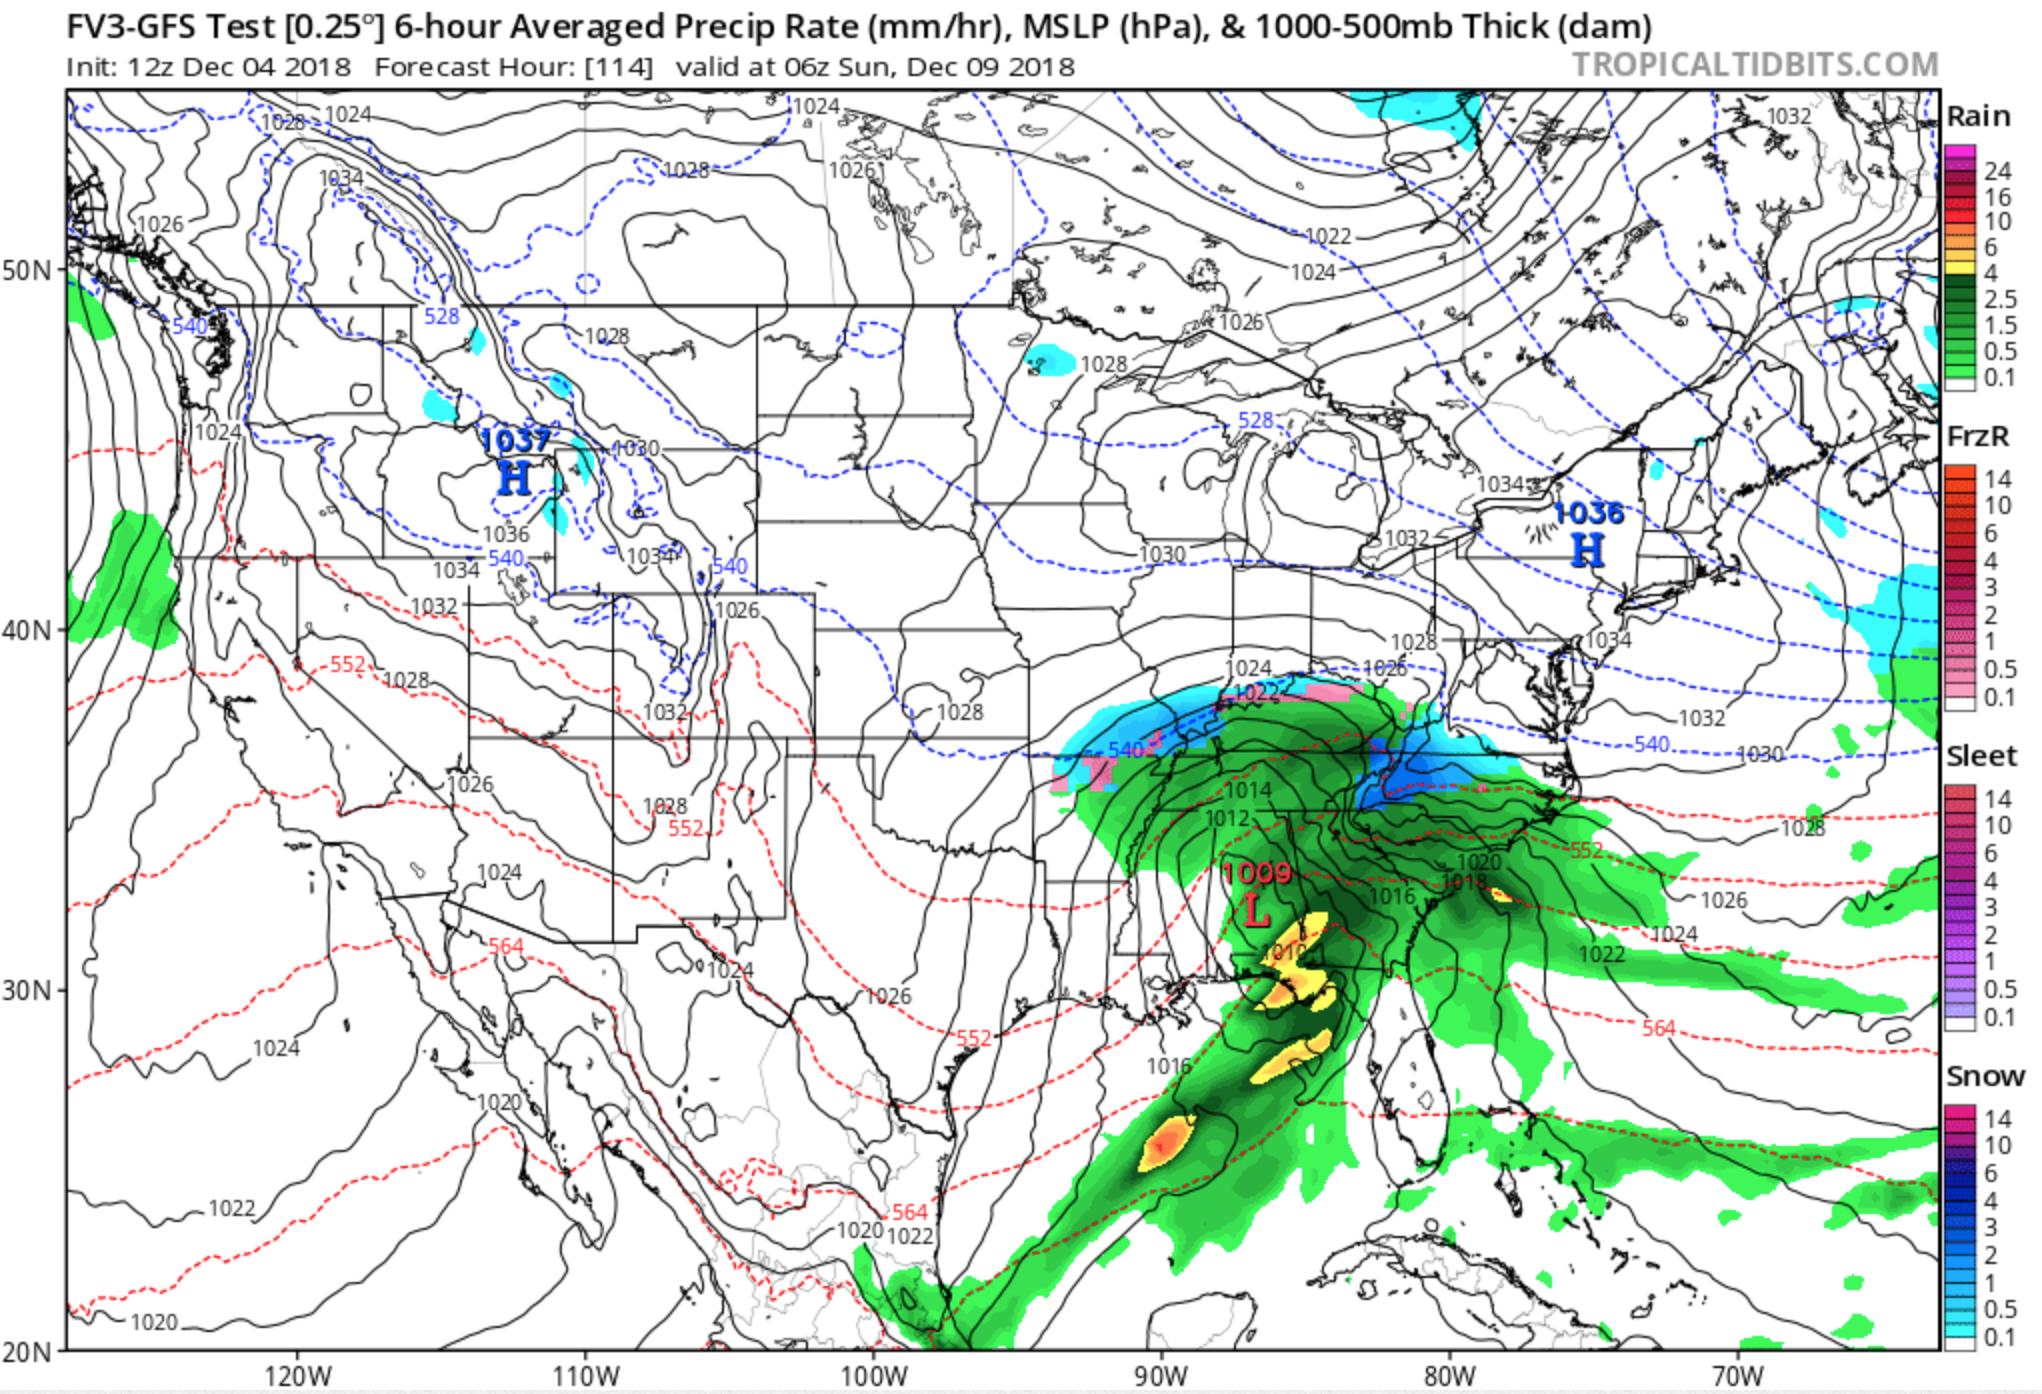 FV3-GFS Precipitation Depiction courtesy of  tropicaltidbits.com